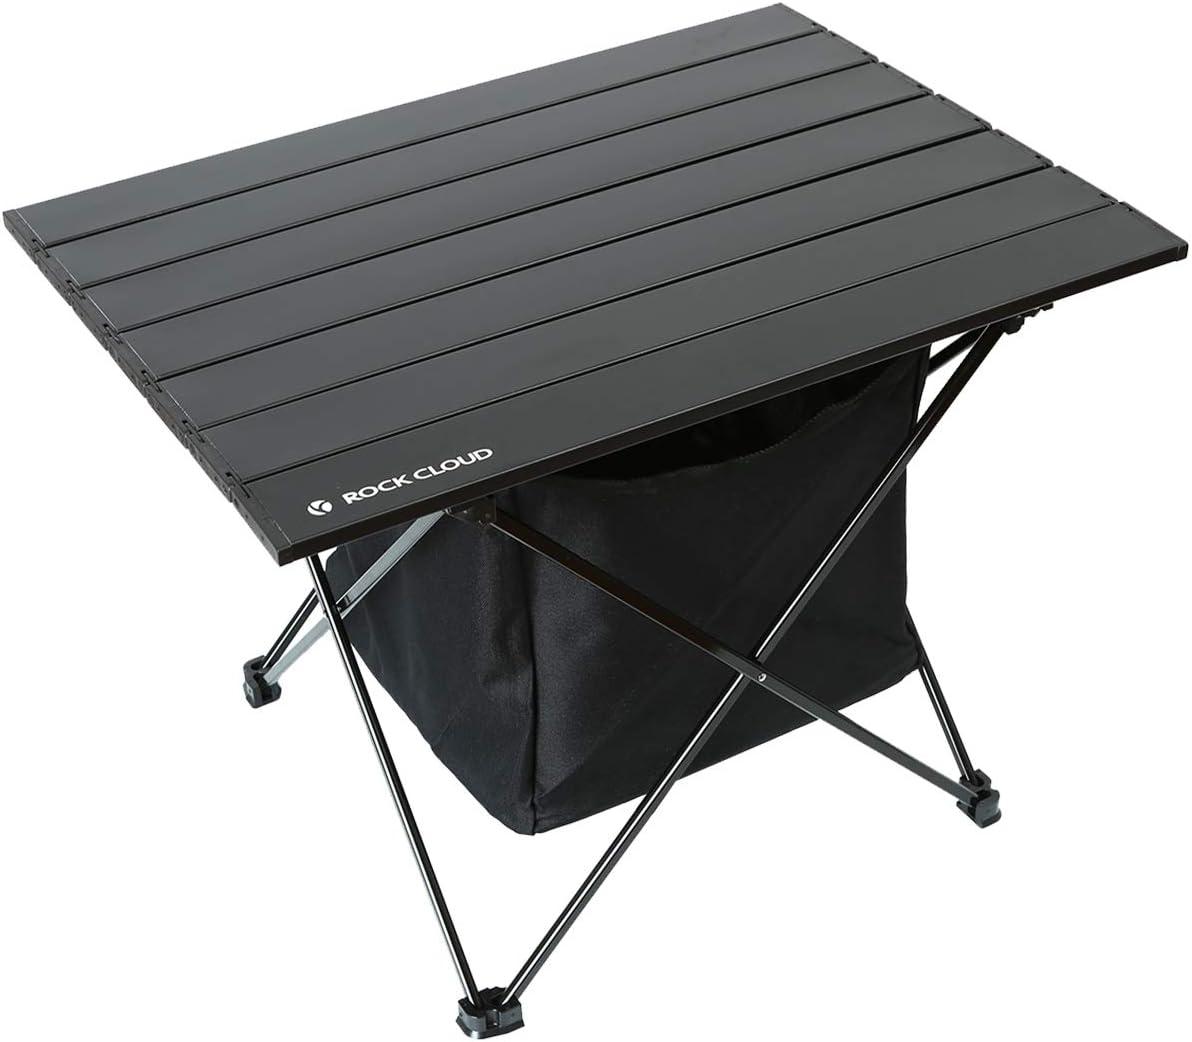 Black Rock Cloud Folding Beach Table Aluminum Portable Camping Table Ultralight